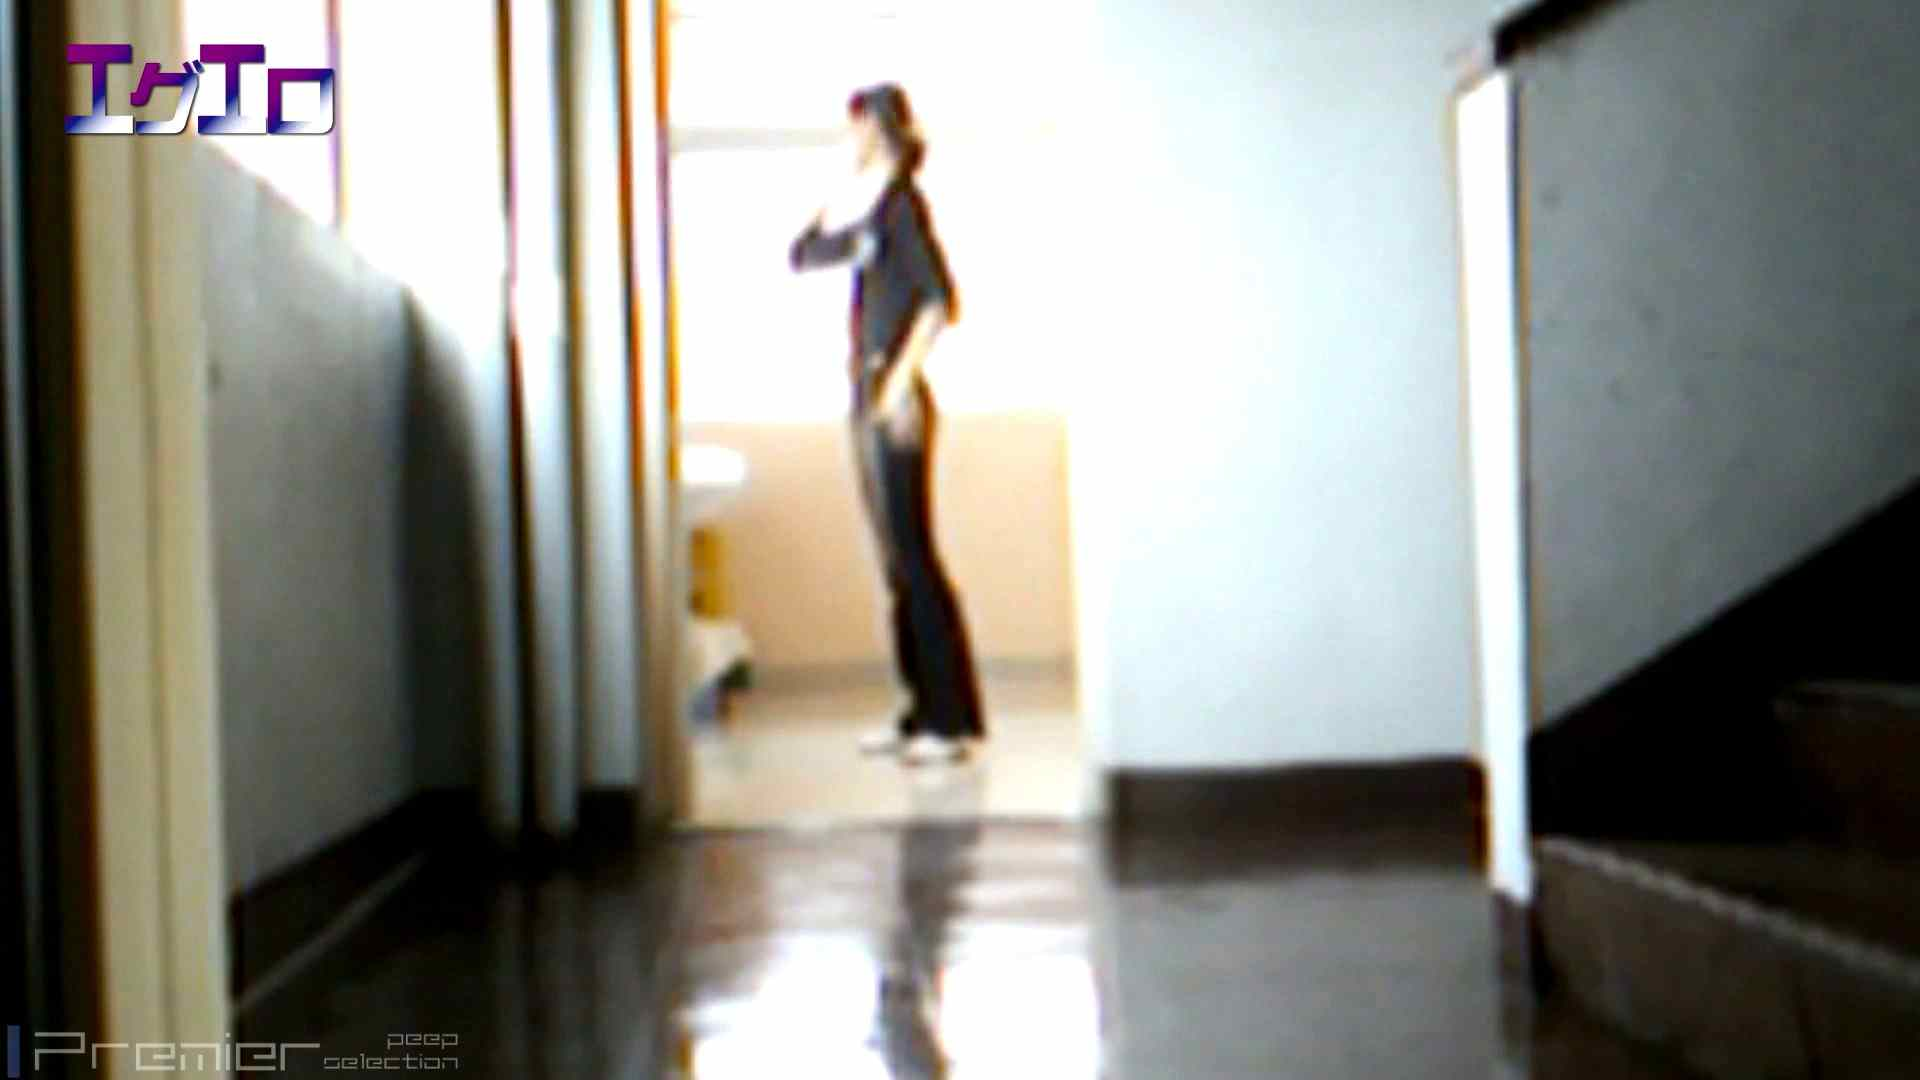 至近距離洗面所 Vol.10ブルージーンズギャルの大放nyo 萌えギャル オマンコ無修正動画無料 96連発 23